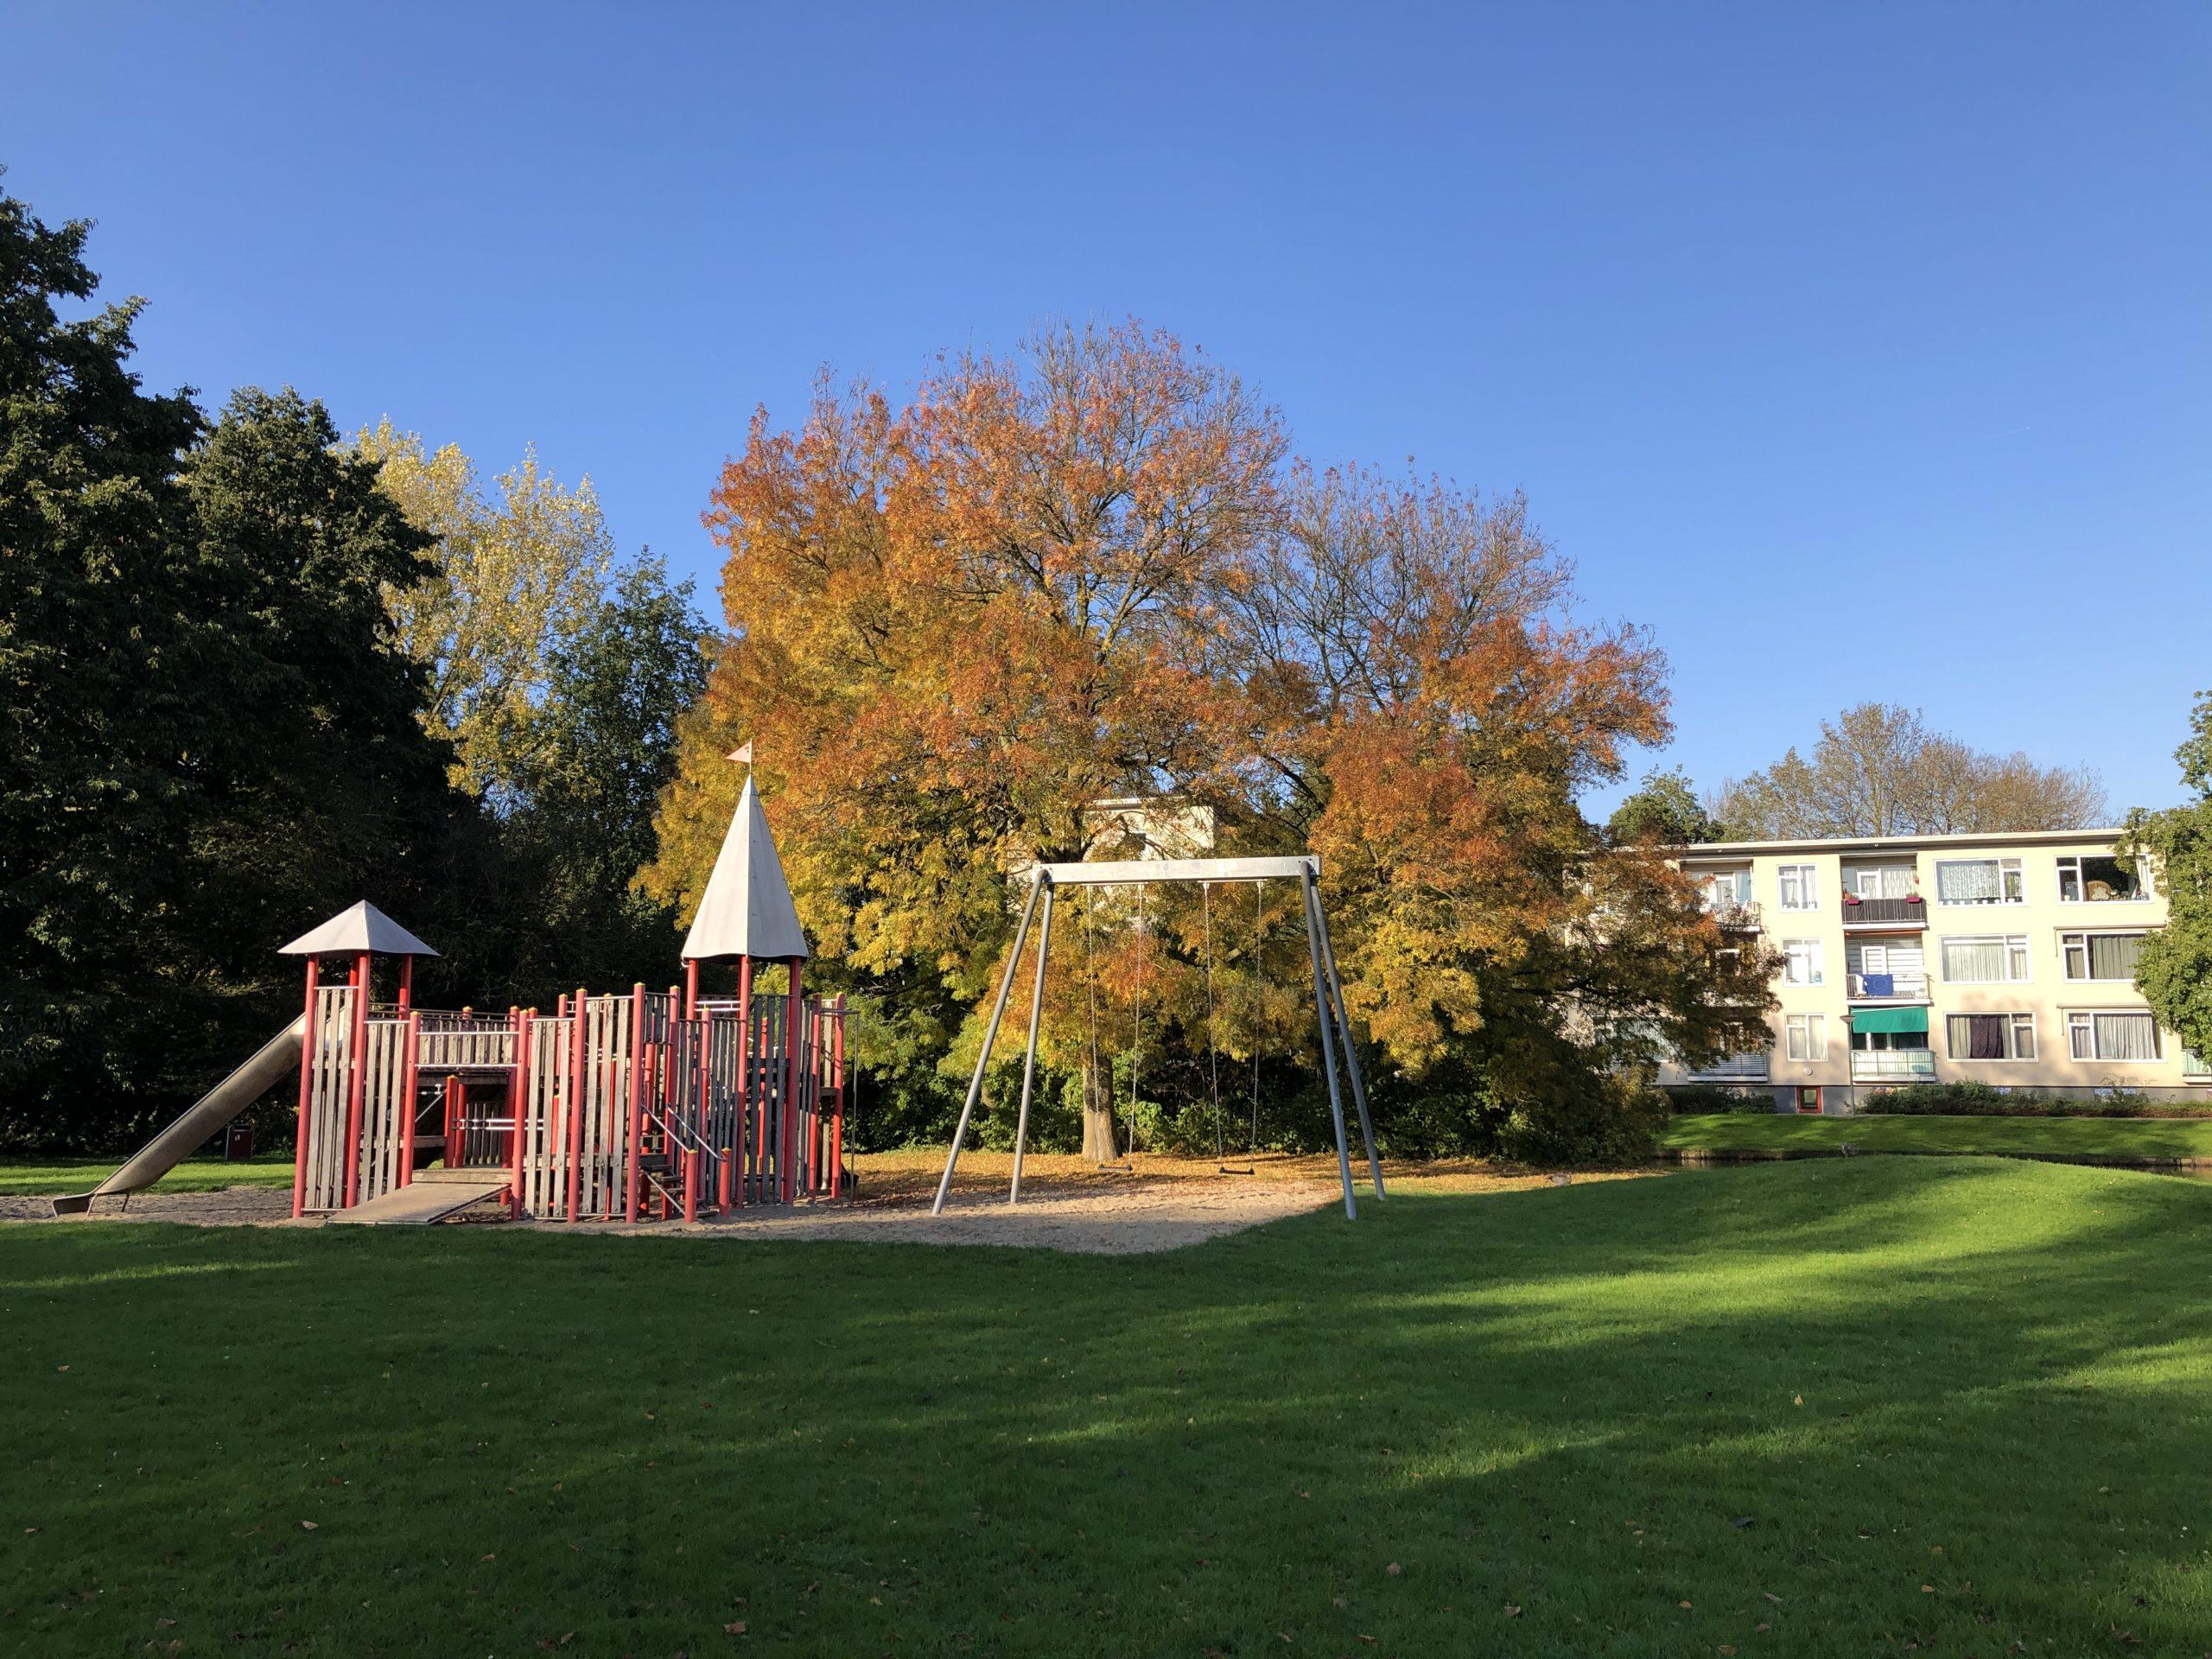 Playground in Wielwijk park